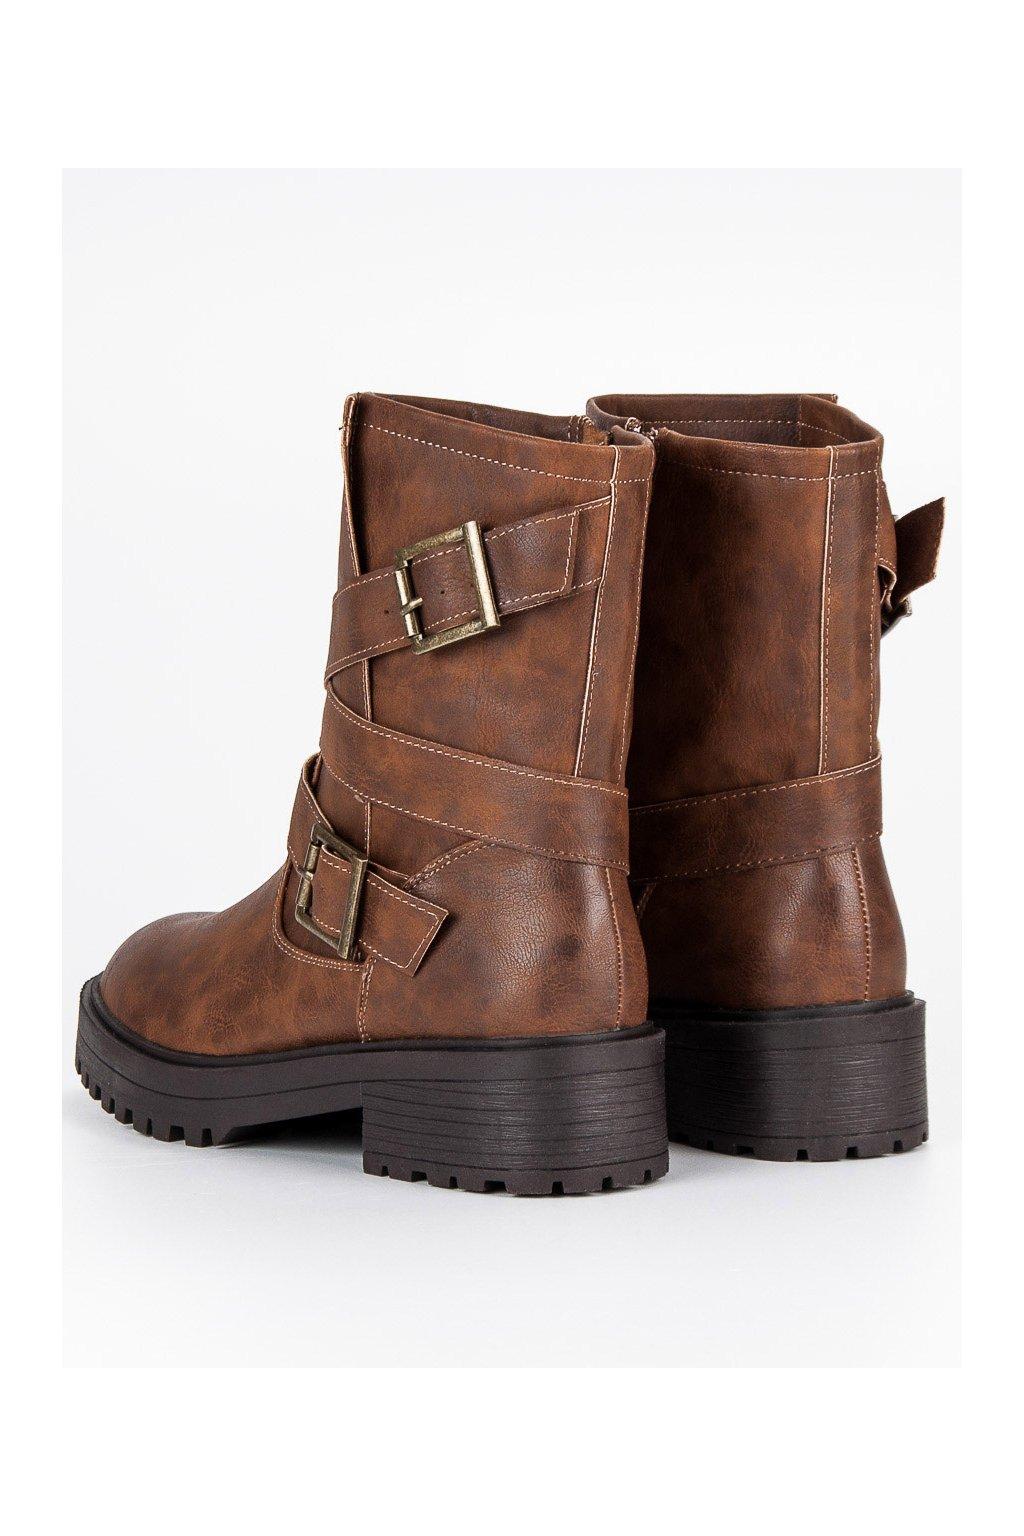 Dámske členkové casual topánky hnedé C7849CU 4a901f8902d